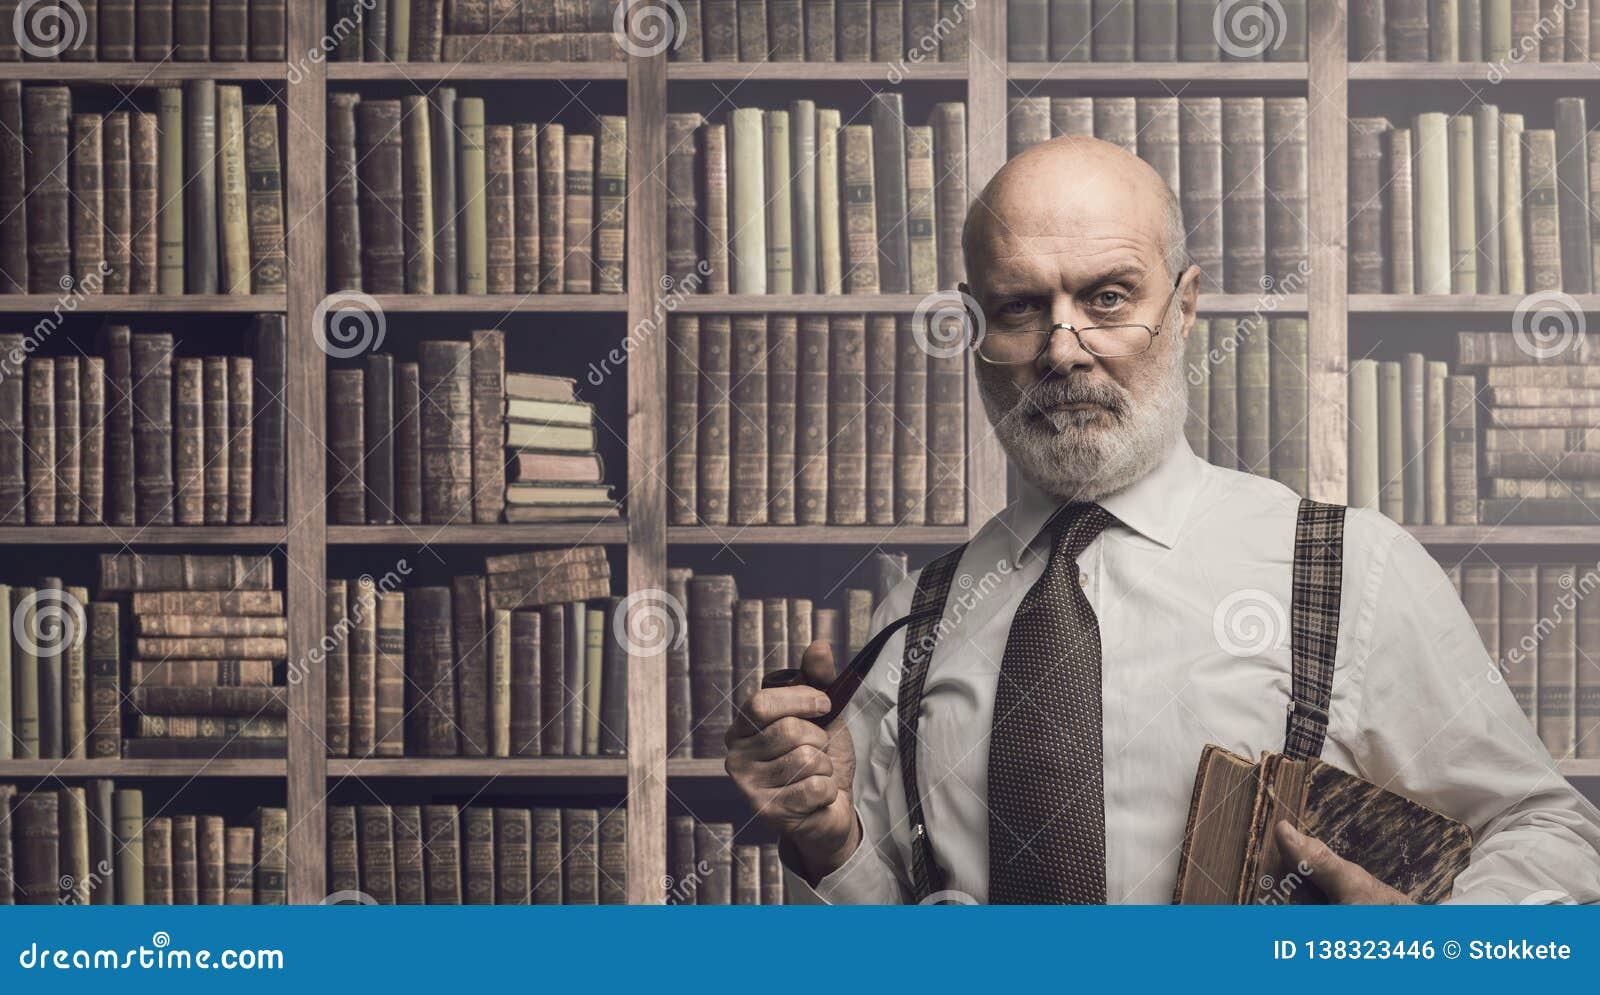 Professeur posant dans la bibliothèque avec des livres